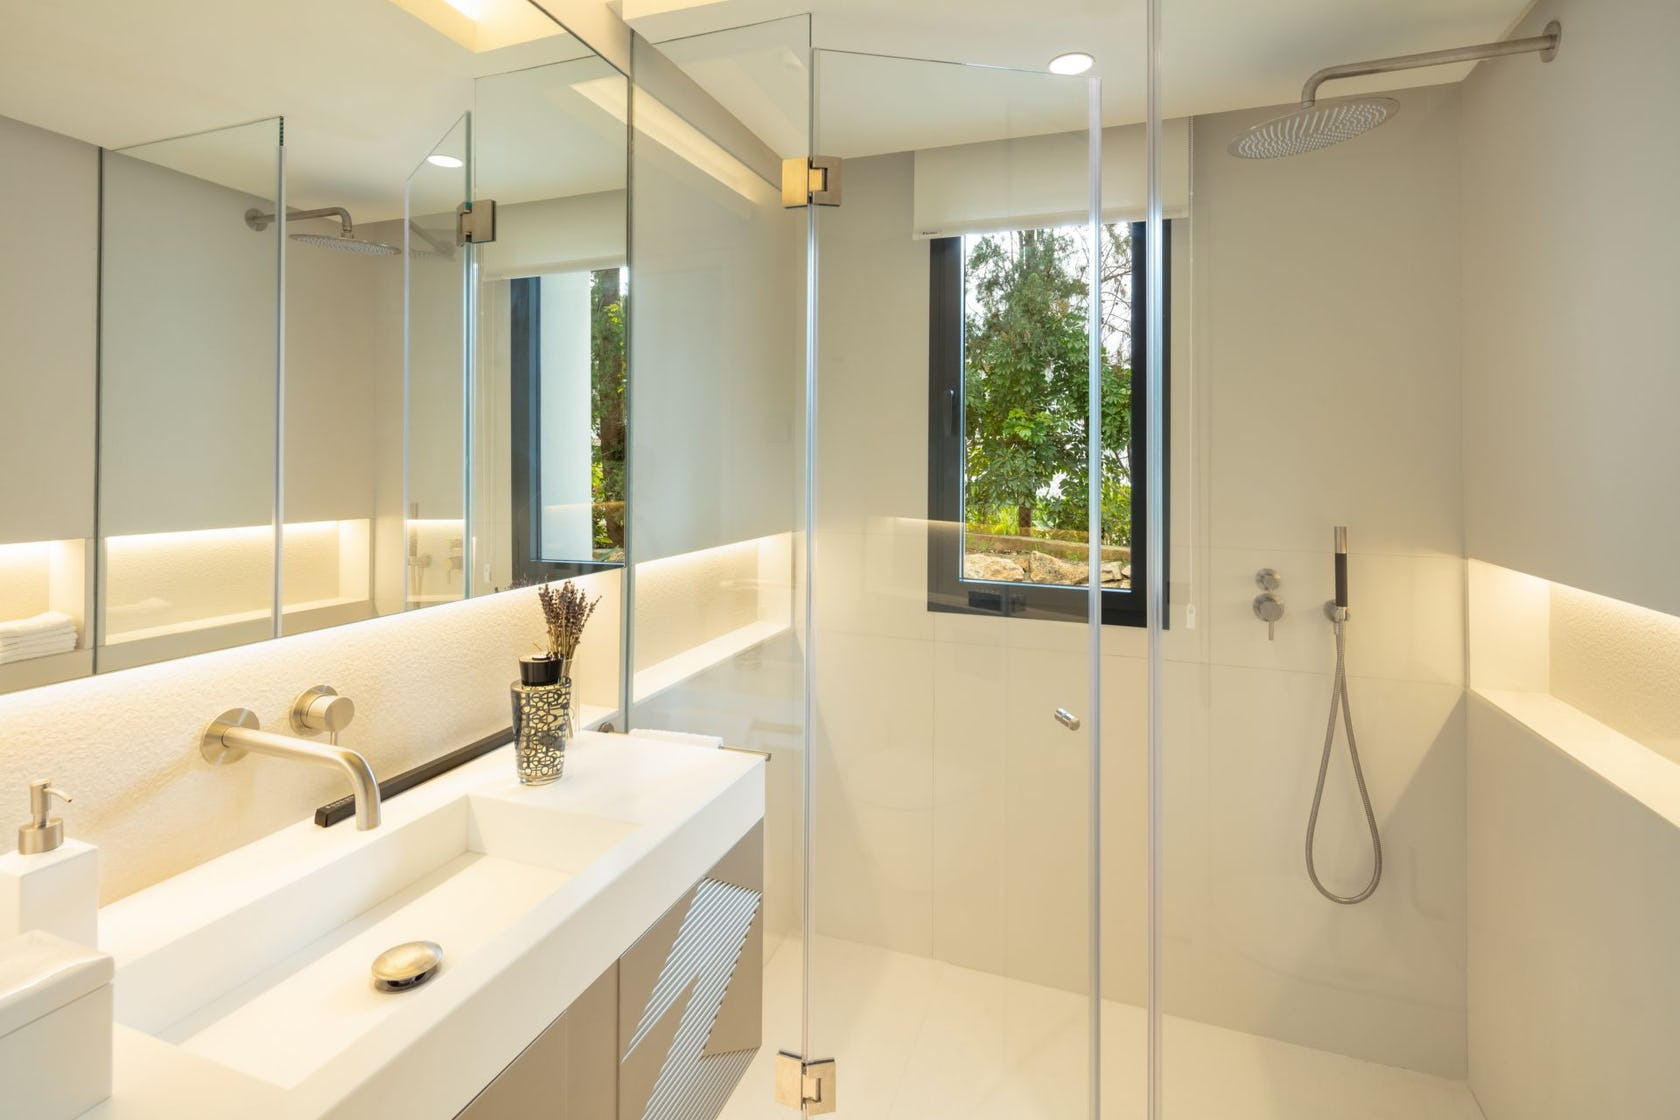 indoors room bathroom